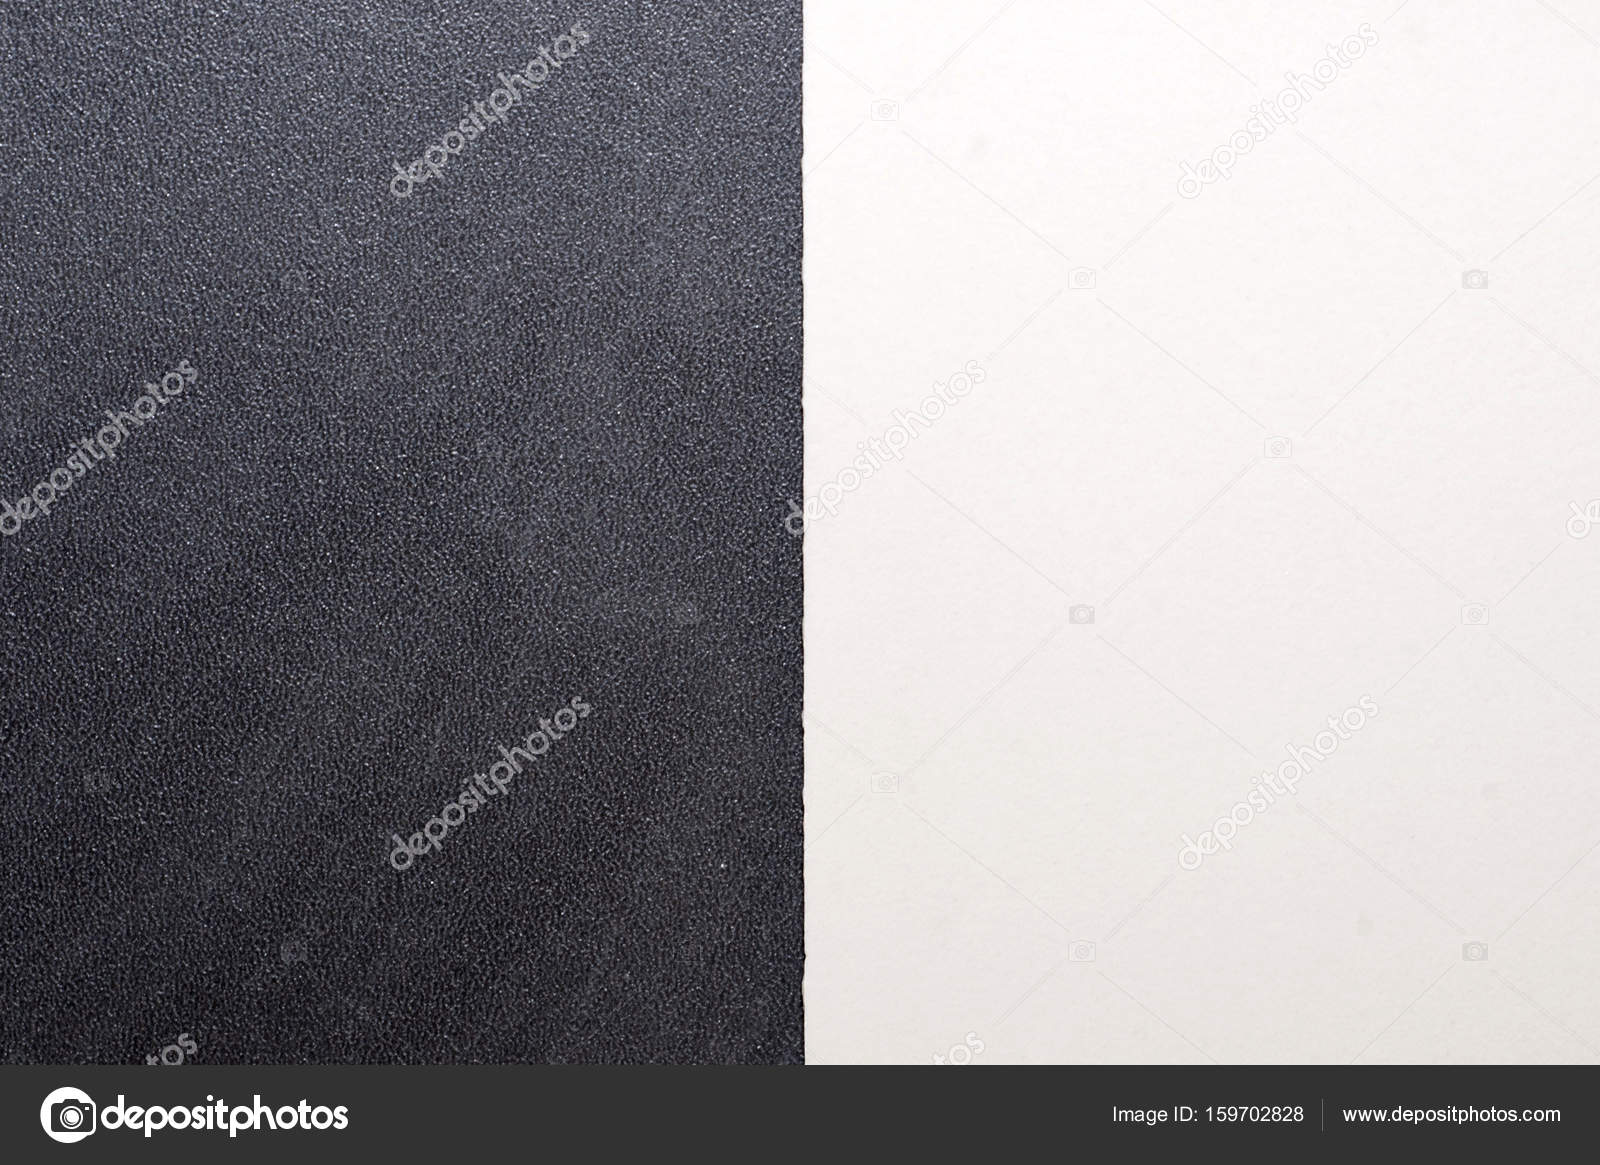 Fliesen Fliesen Textur Badezimmer Auf Dem Küchenboden Und Wände Werden  Verwendet, Um Die Räumlichkeiten,